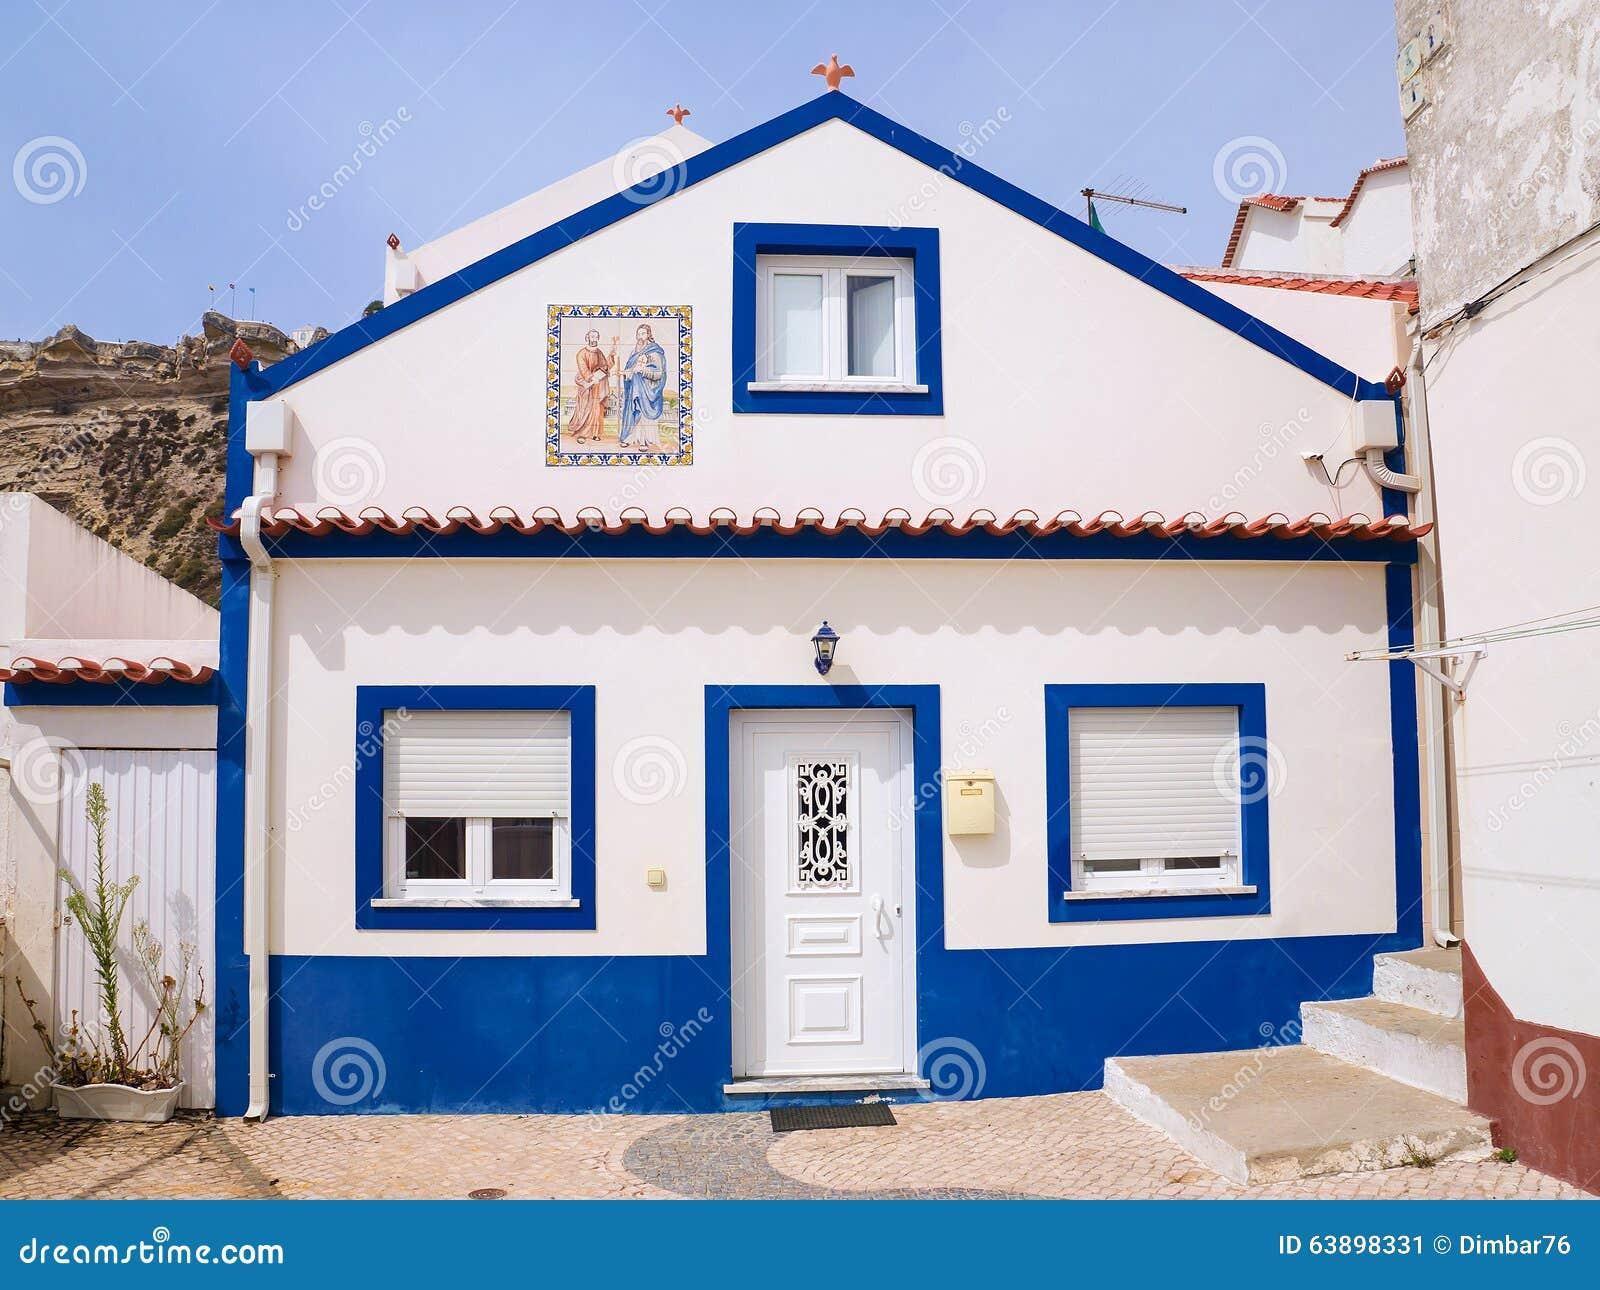 belle maison dans les rues de la ville de nazare au portugal image stock image du costa. Black Bedroom Furniture Sets. Home Design Ideas